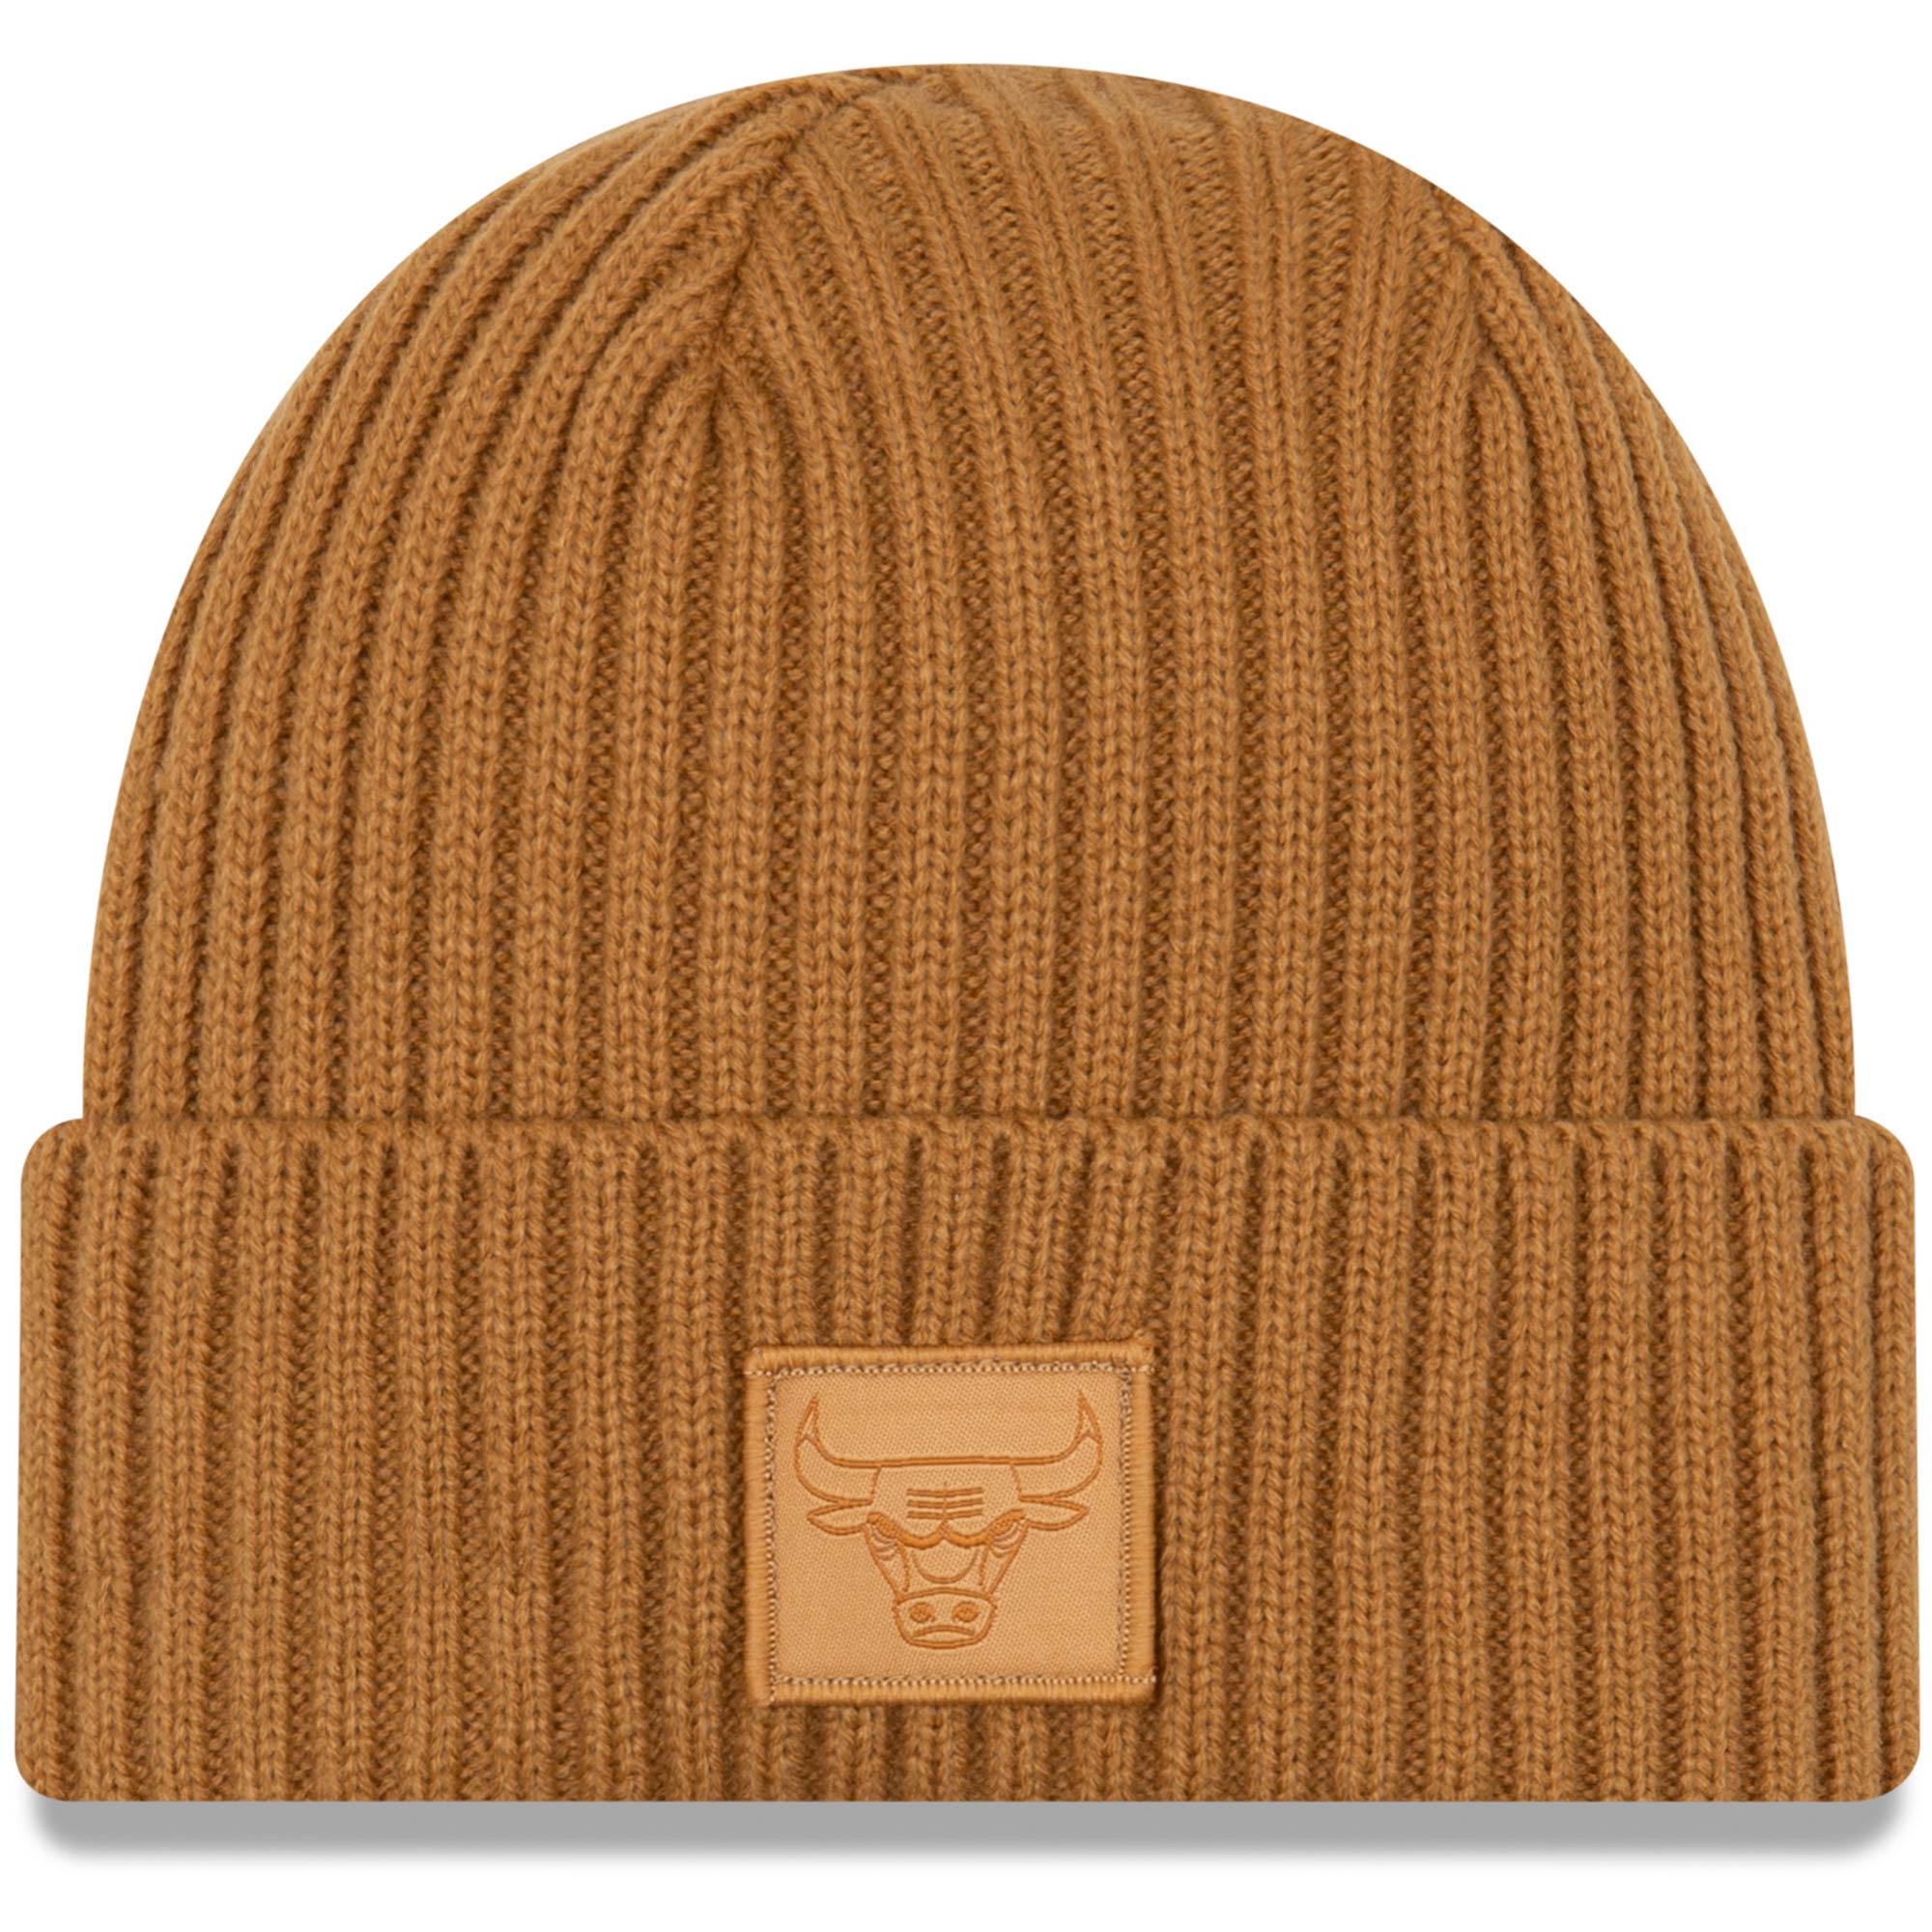 Chicago Bulls New Era Label Cuffed Knit Hat - Tan